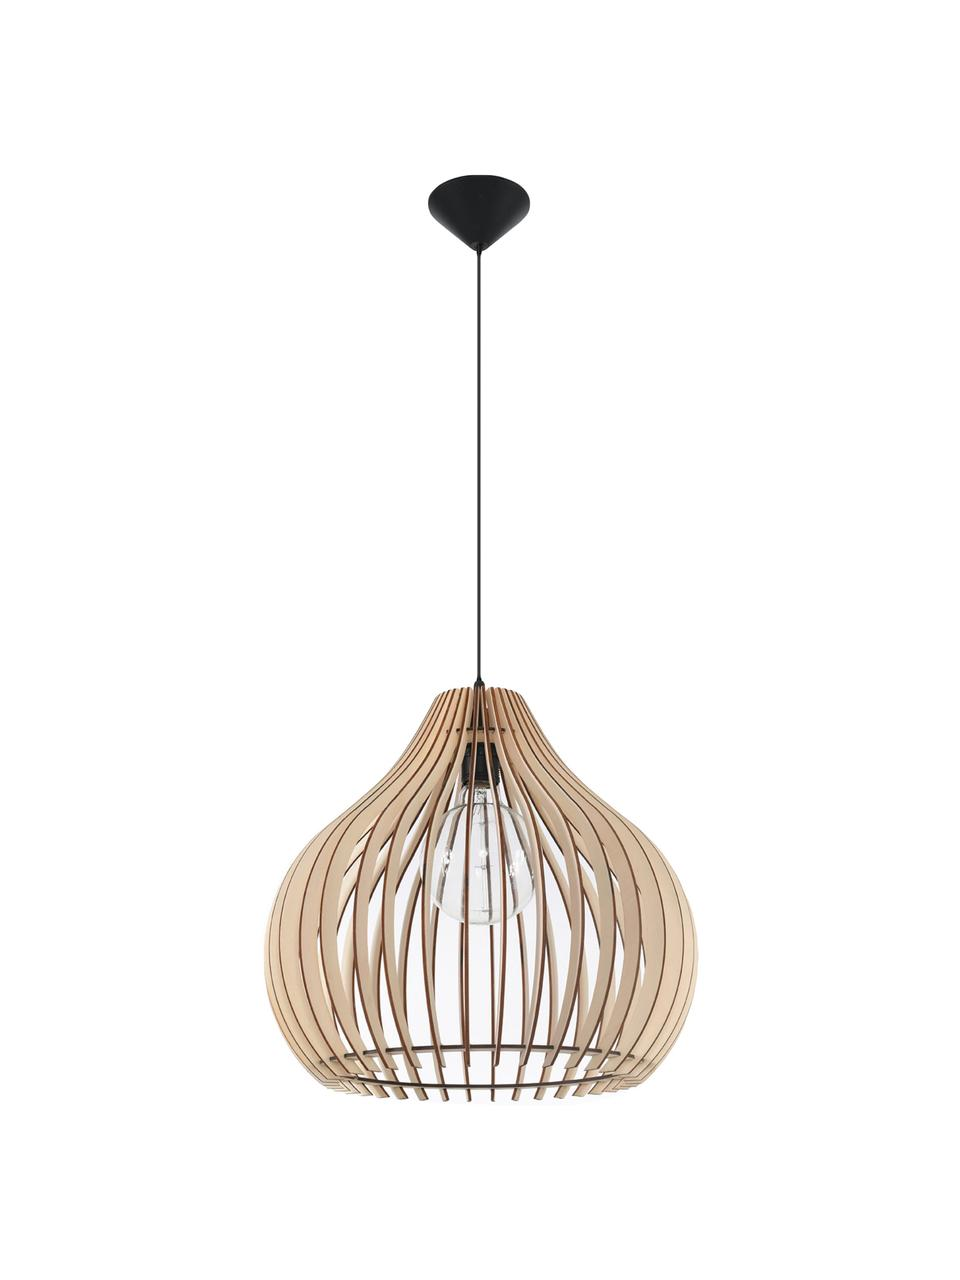 Hanglamp Pantilla van hout, Lampenkap: hout, Baldakijn: kunststof, Bruin, zwart, Ø 43 x H 39 cm